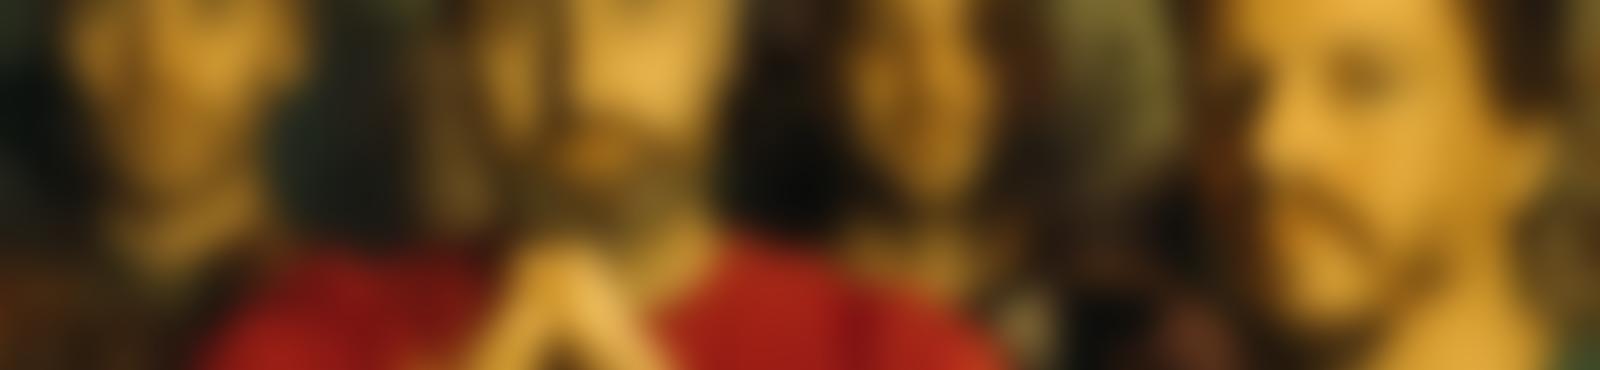 Blurred f7cfaa18 ce5f 44cc 82f2 9f4180dce413